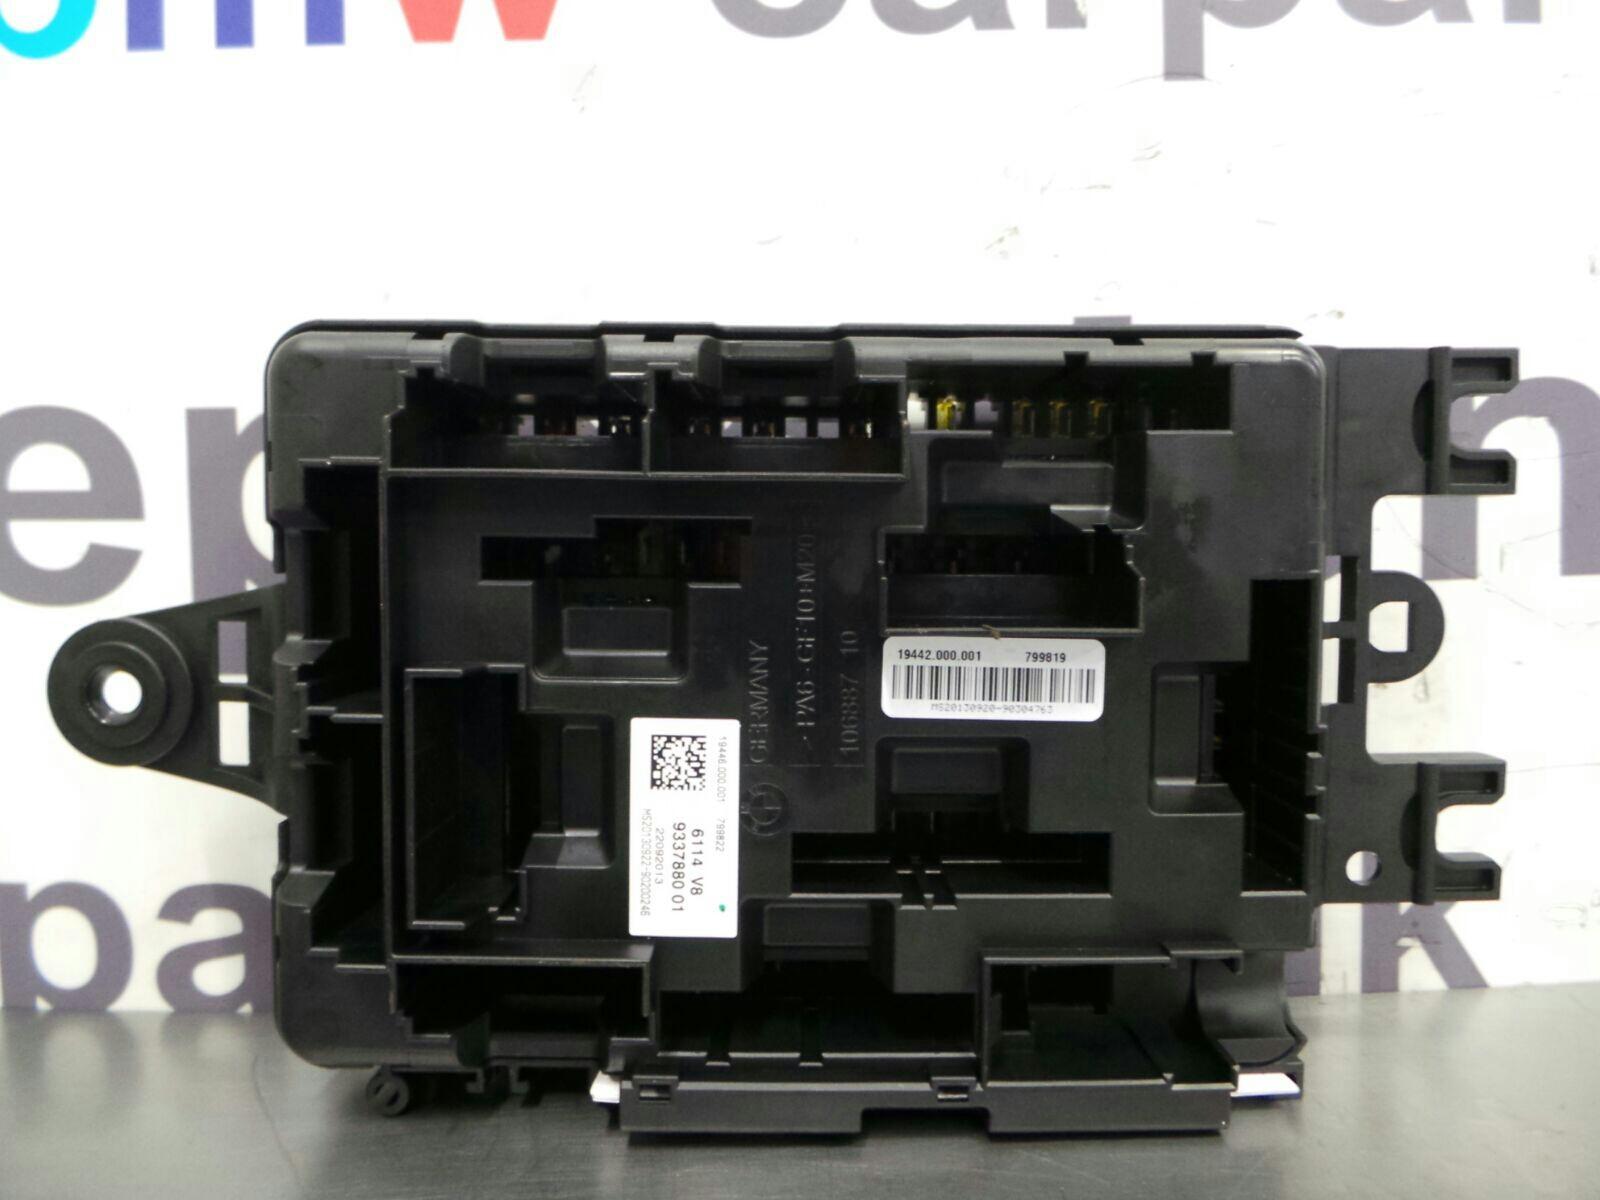 BMW F20 F30 1/3 Series Rear Fuse Box 9259466/9337880